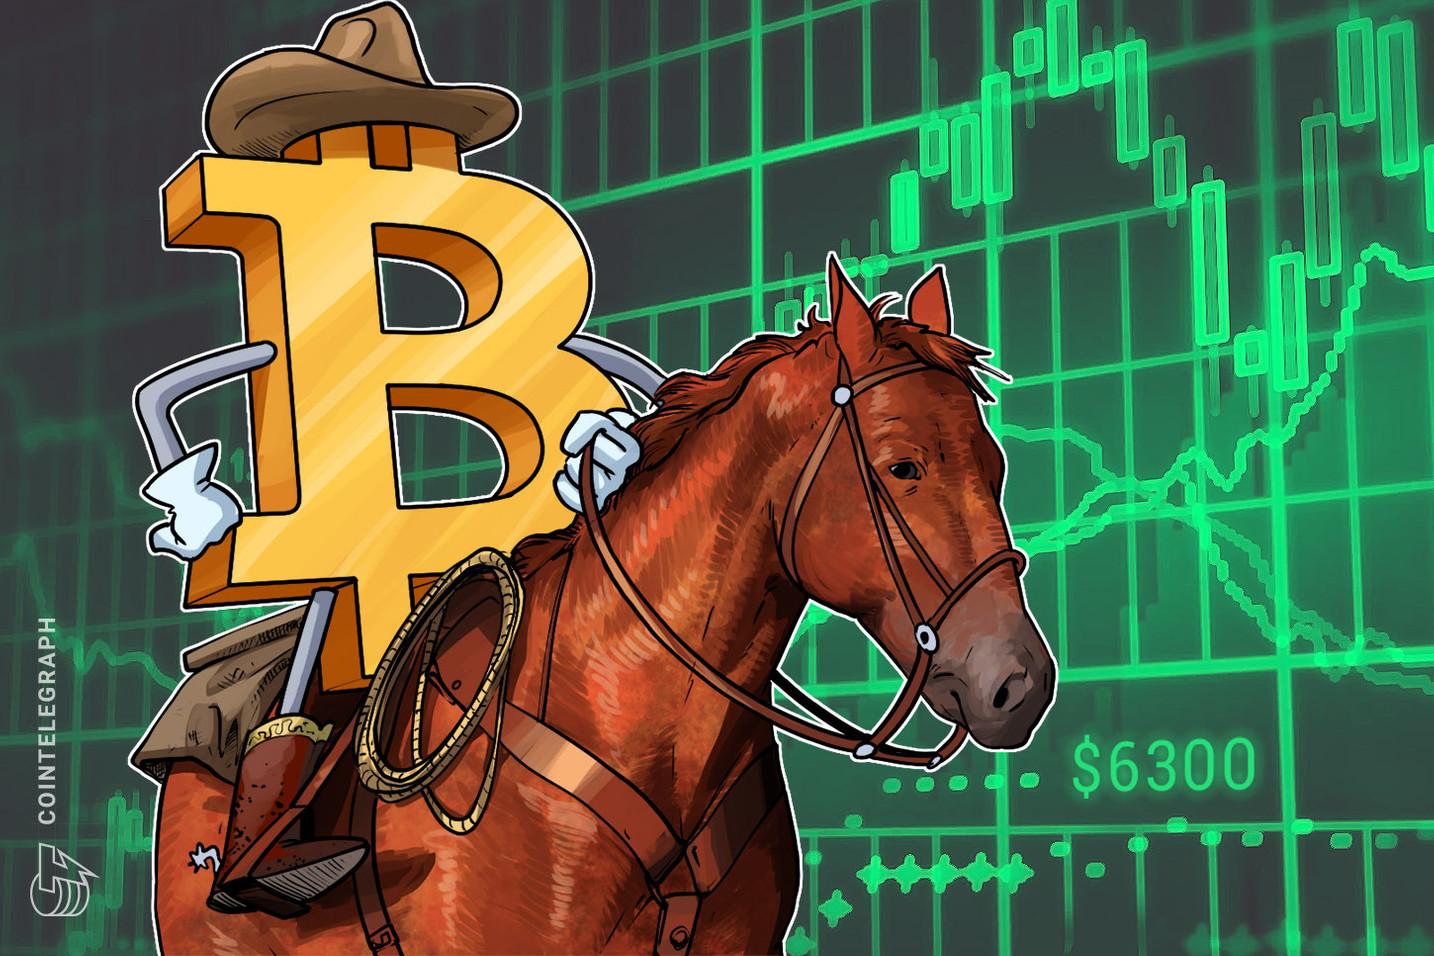 La gente que quiere controlar su capital compra Bitcoin, dice el CEO de Circle